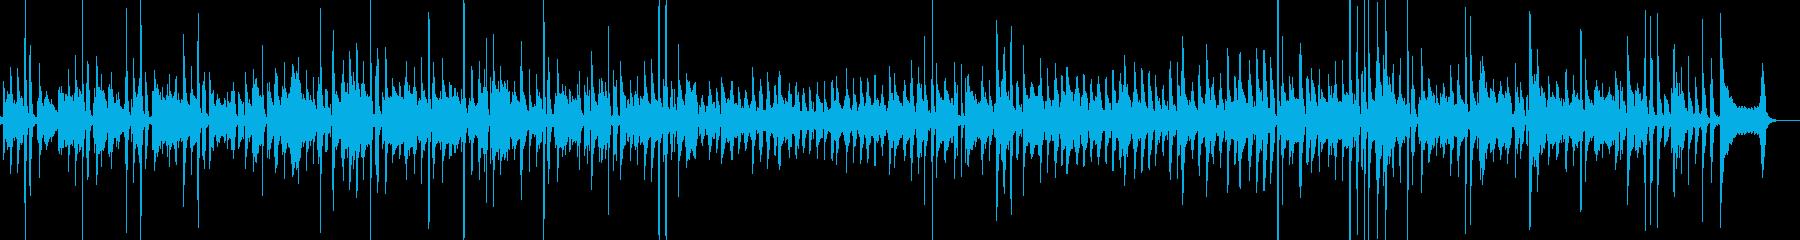 ブルースっぽいアコギサウンドの再生済みの波形